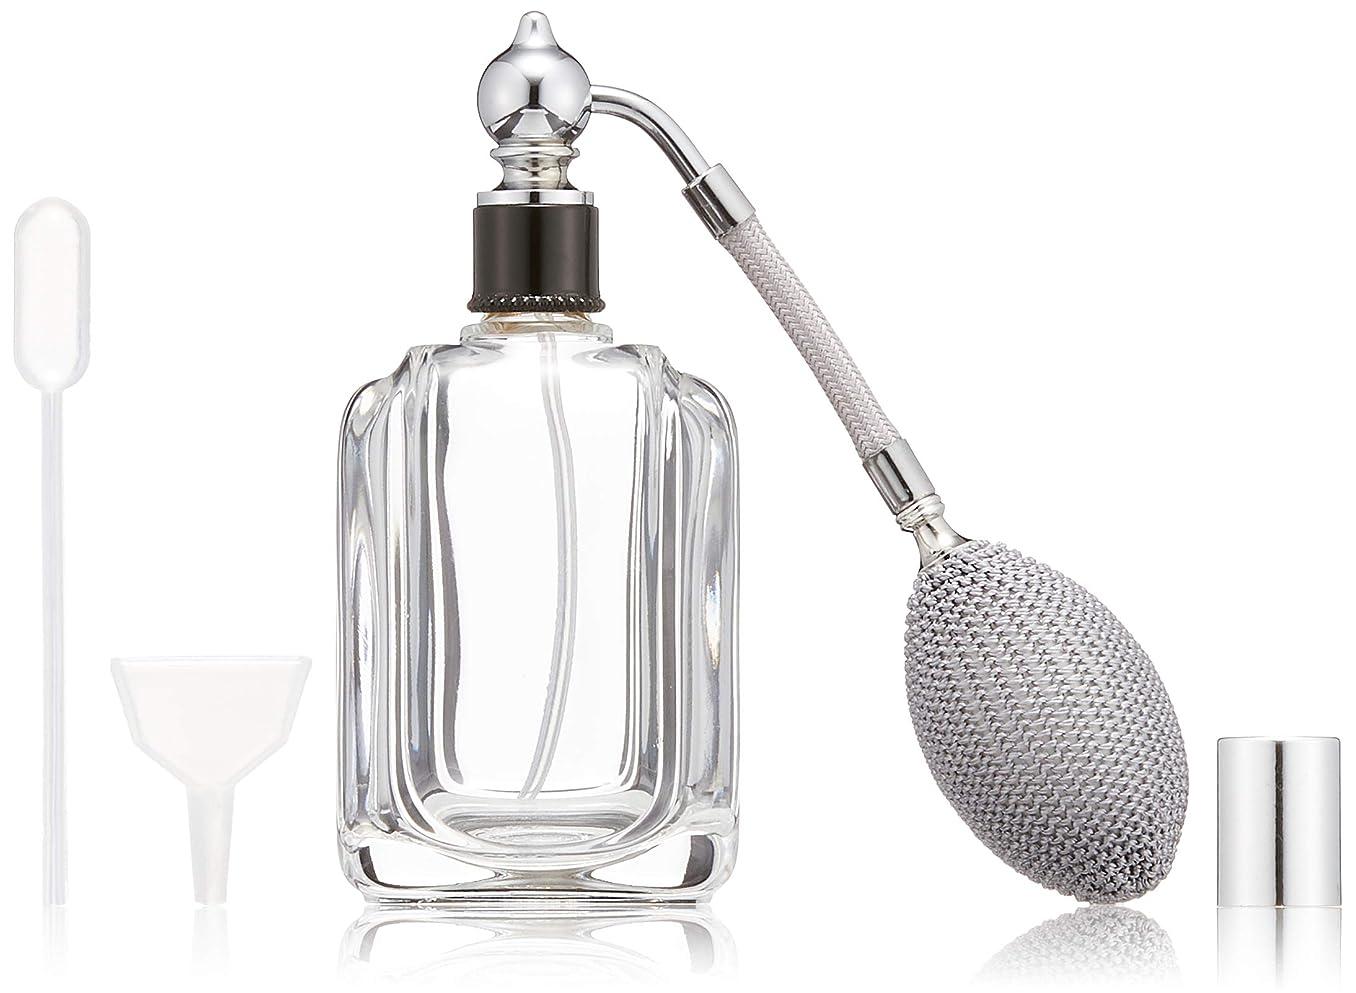 ましい部お父さんヒロセアトマイザー フランス製香水瓶50ML メンズアトマイザーkuro 409873SS (50MLタクジョウ) CLSS